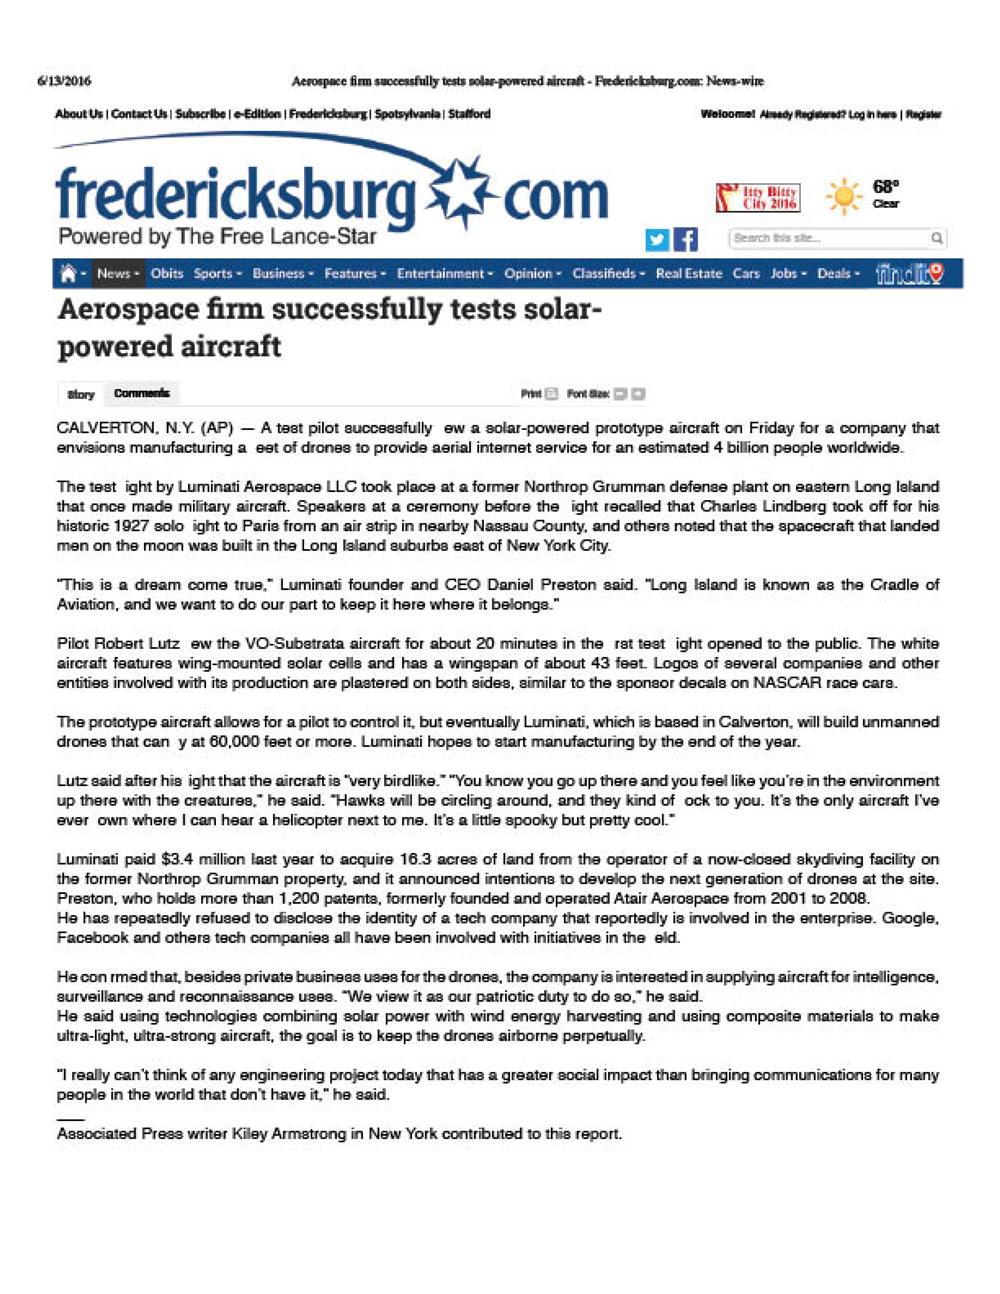 fredericksburg-luminati